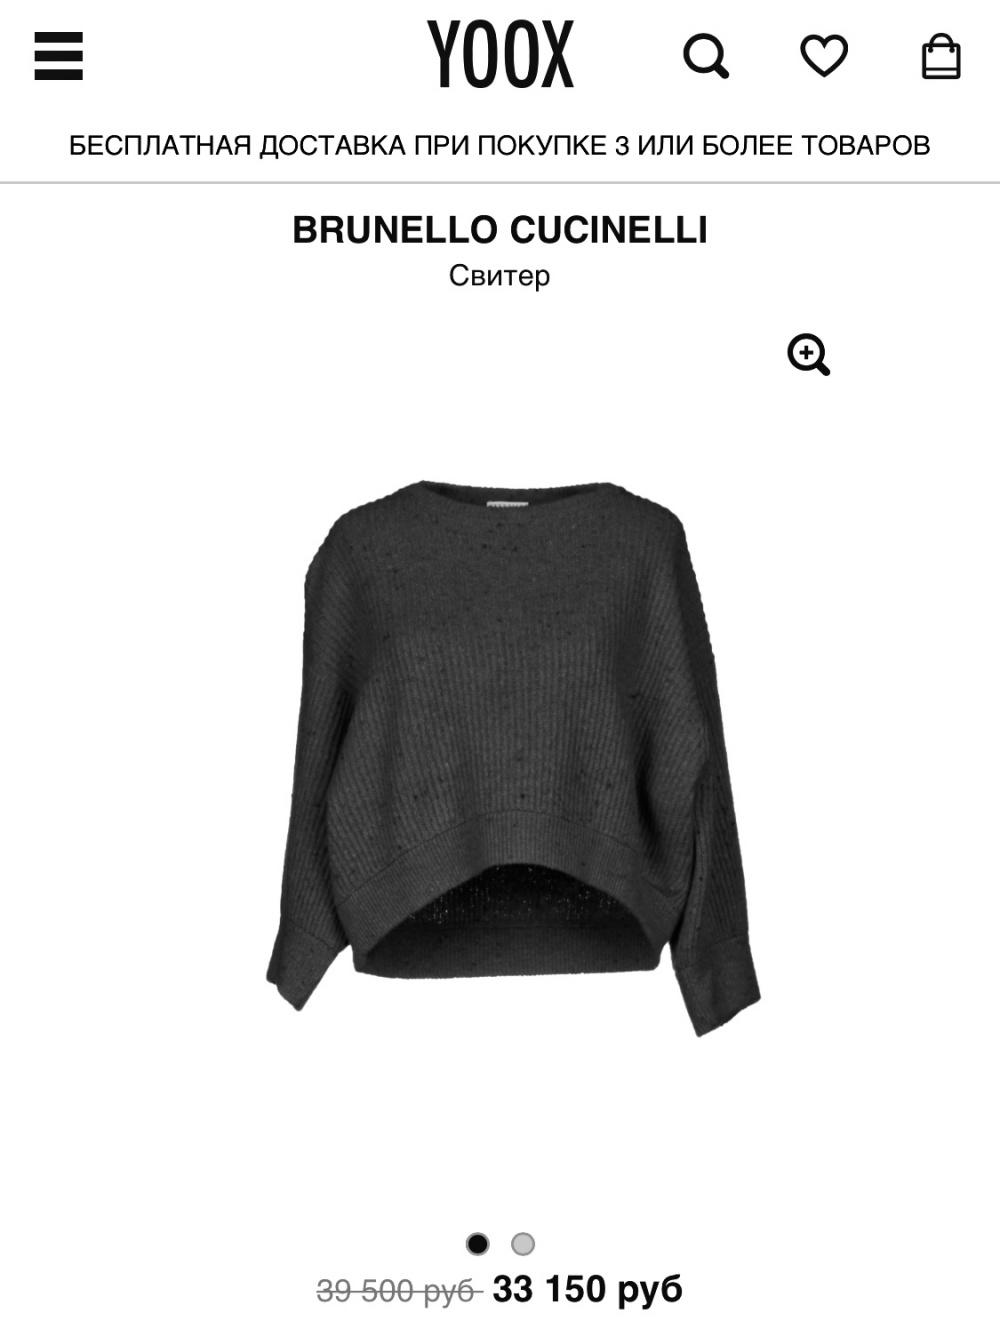 Свитшот Brunello Cucinelli, размер S-M.